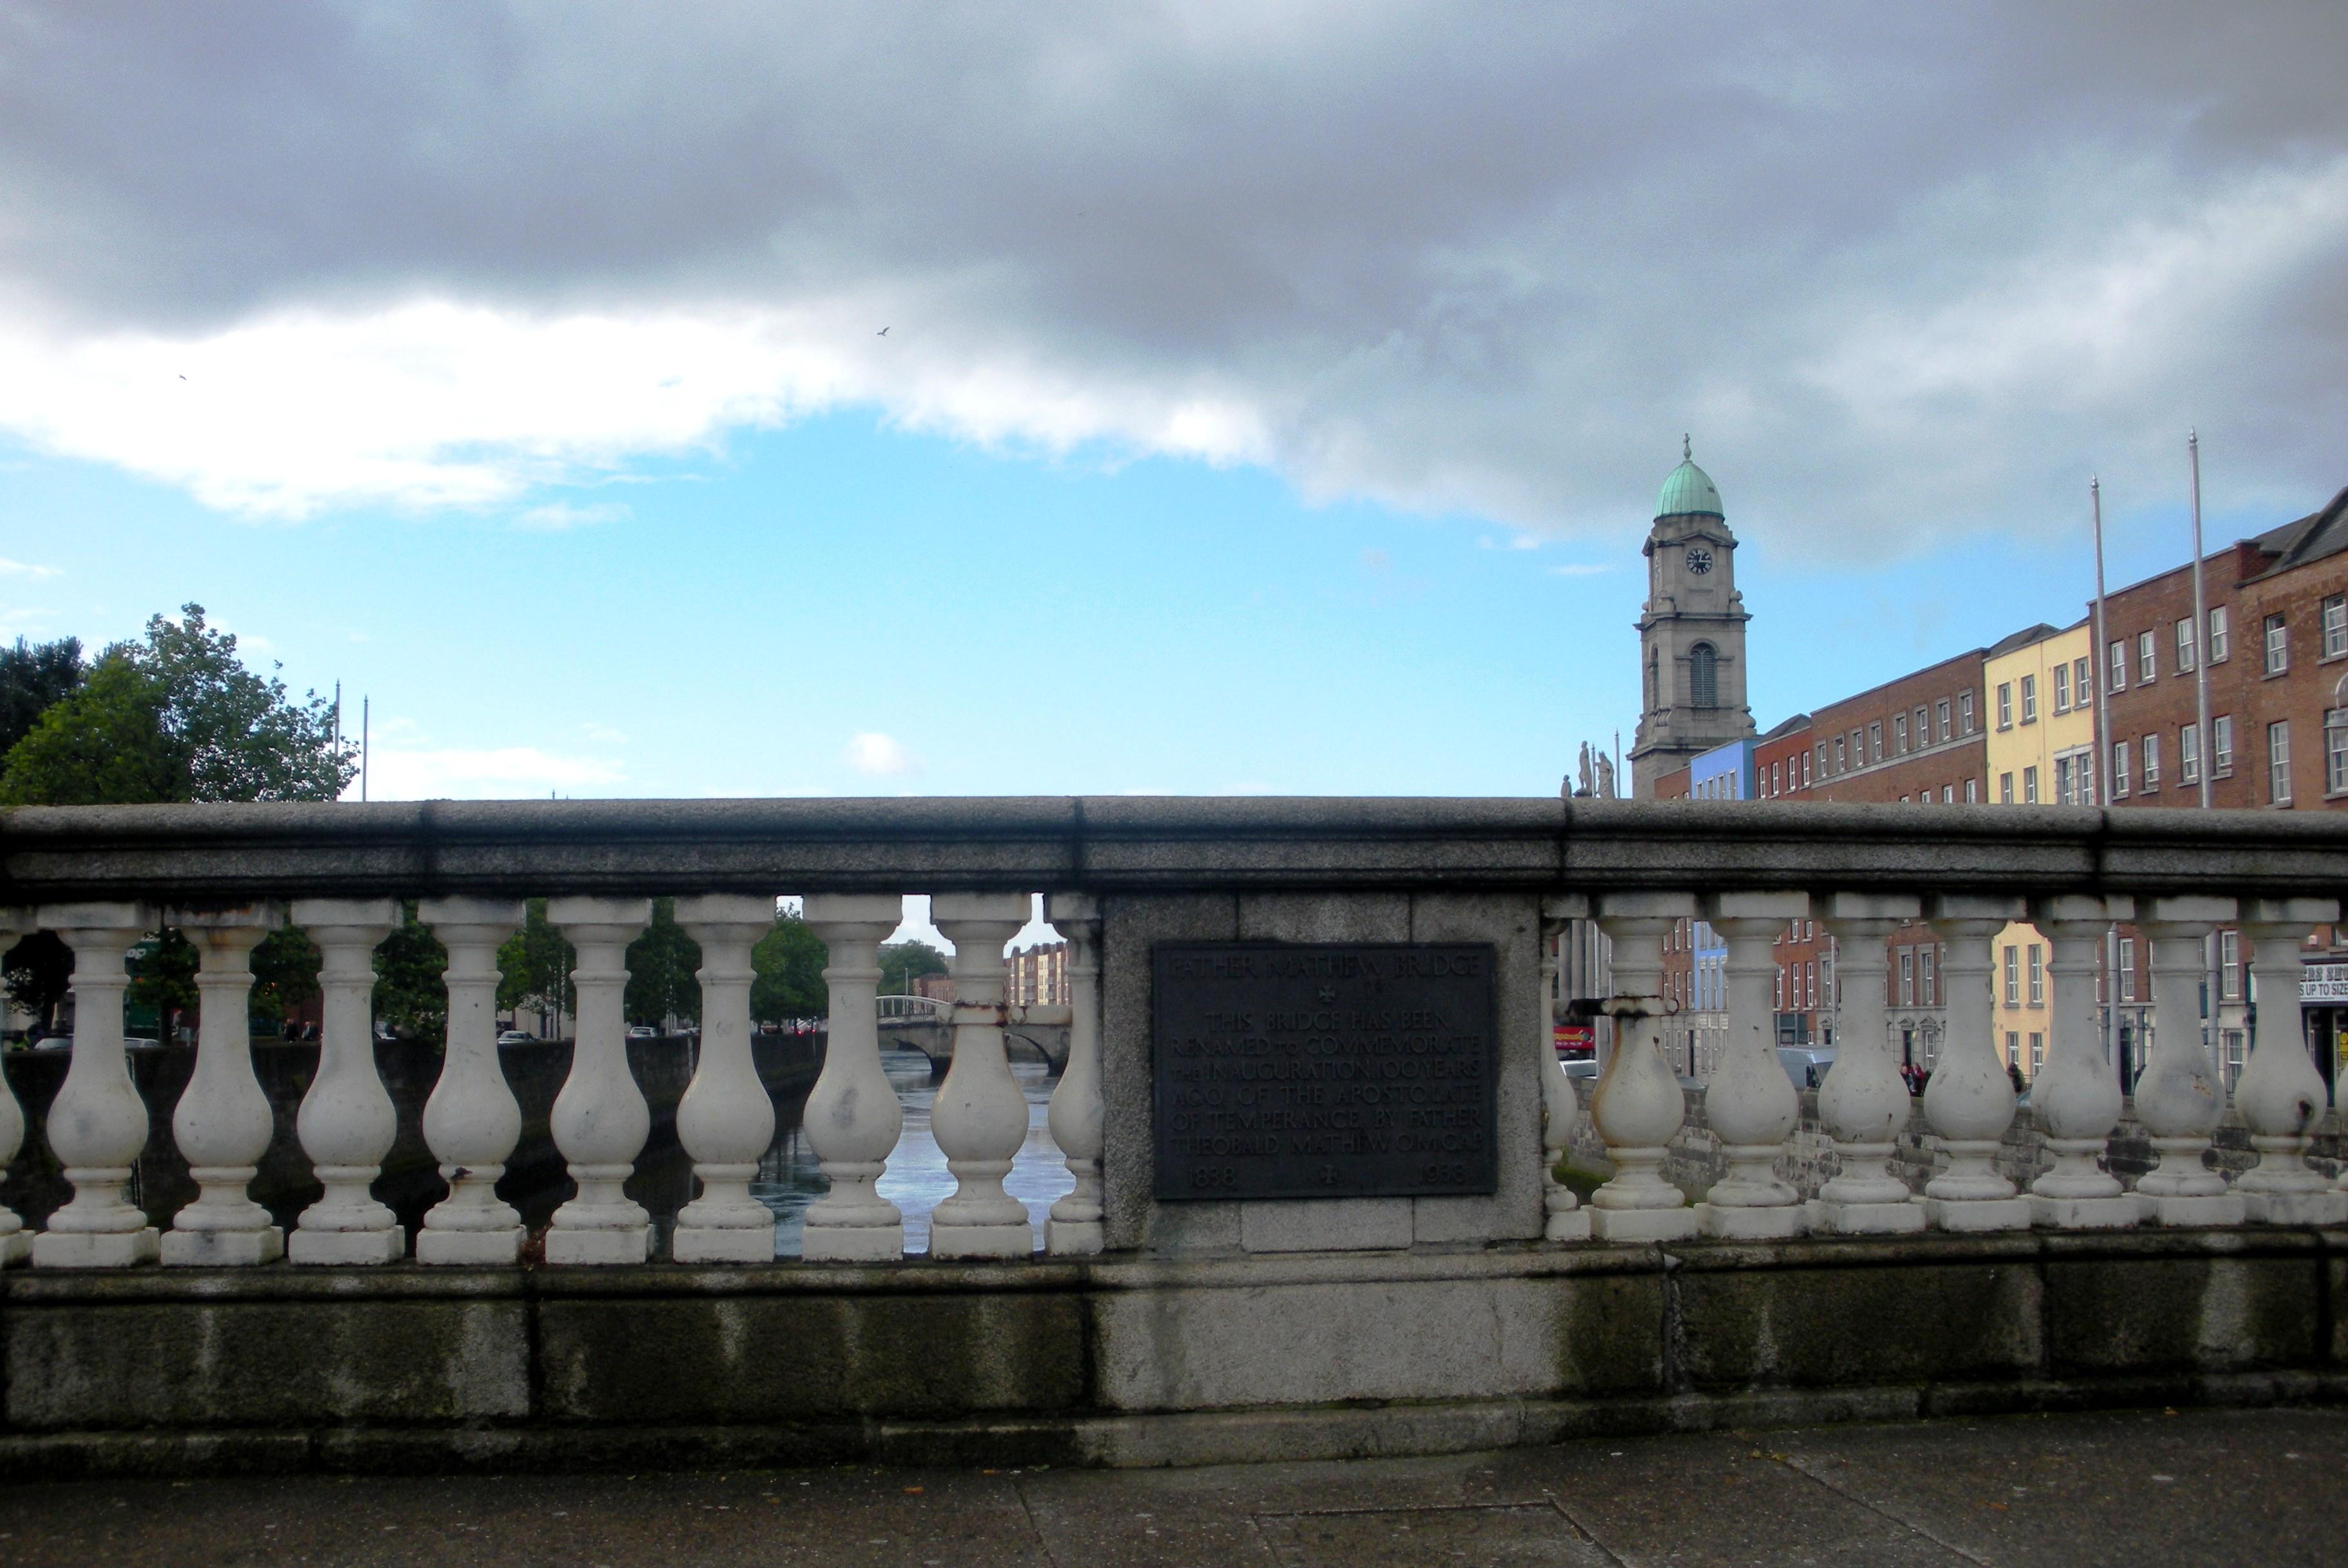 Walking across a bridge over the Liffey River in Dublin